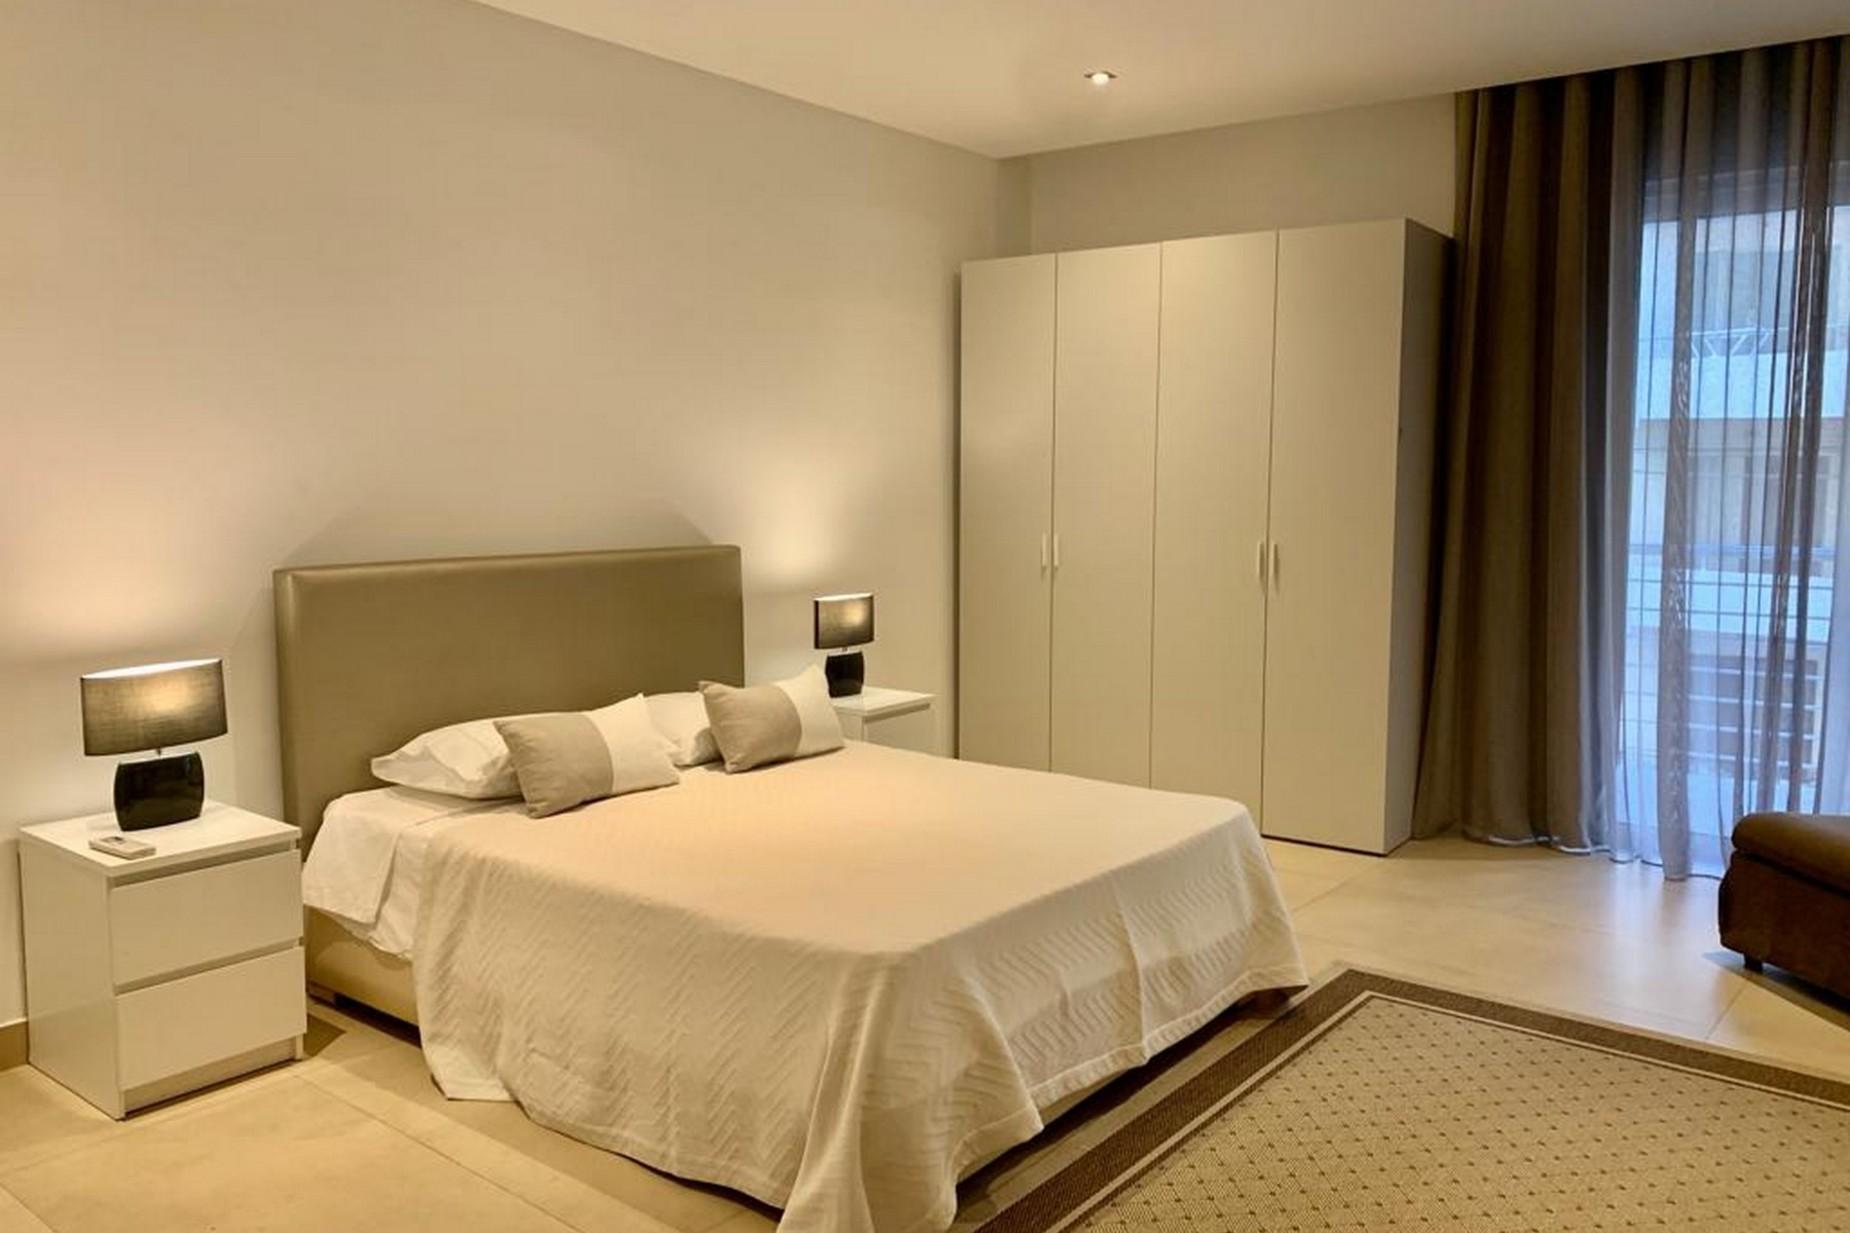 3 bed Apartment For Rent in Ta' Xbiex, Ta' Xbiex - thumb 24